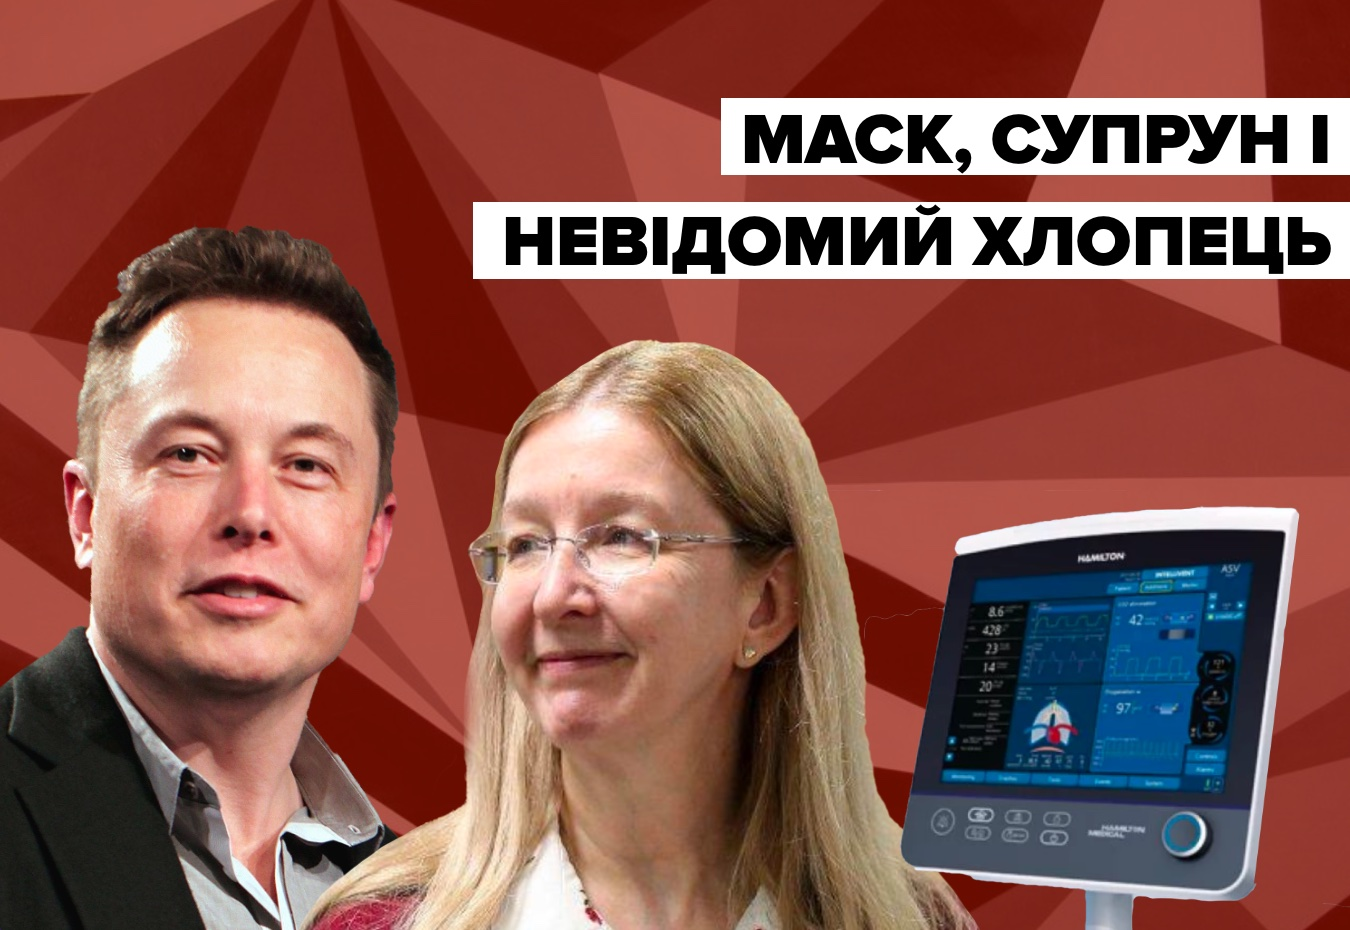 Ілон Маск, Уляна Супрун, апарати вентиляції легень і невідомий хлопець